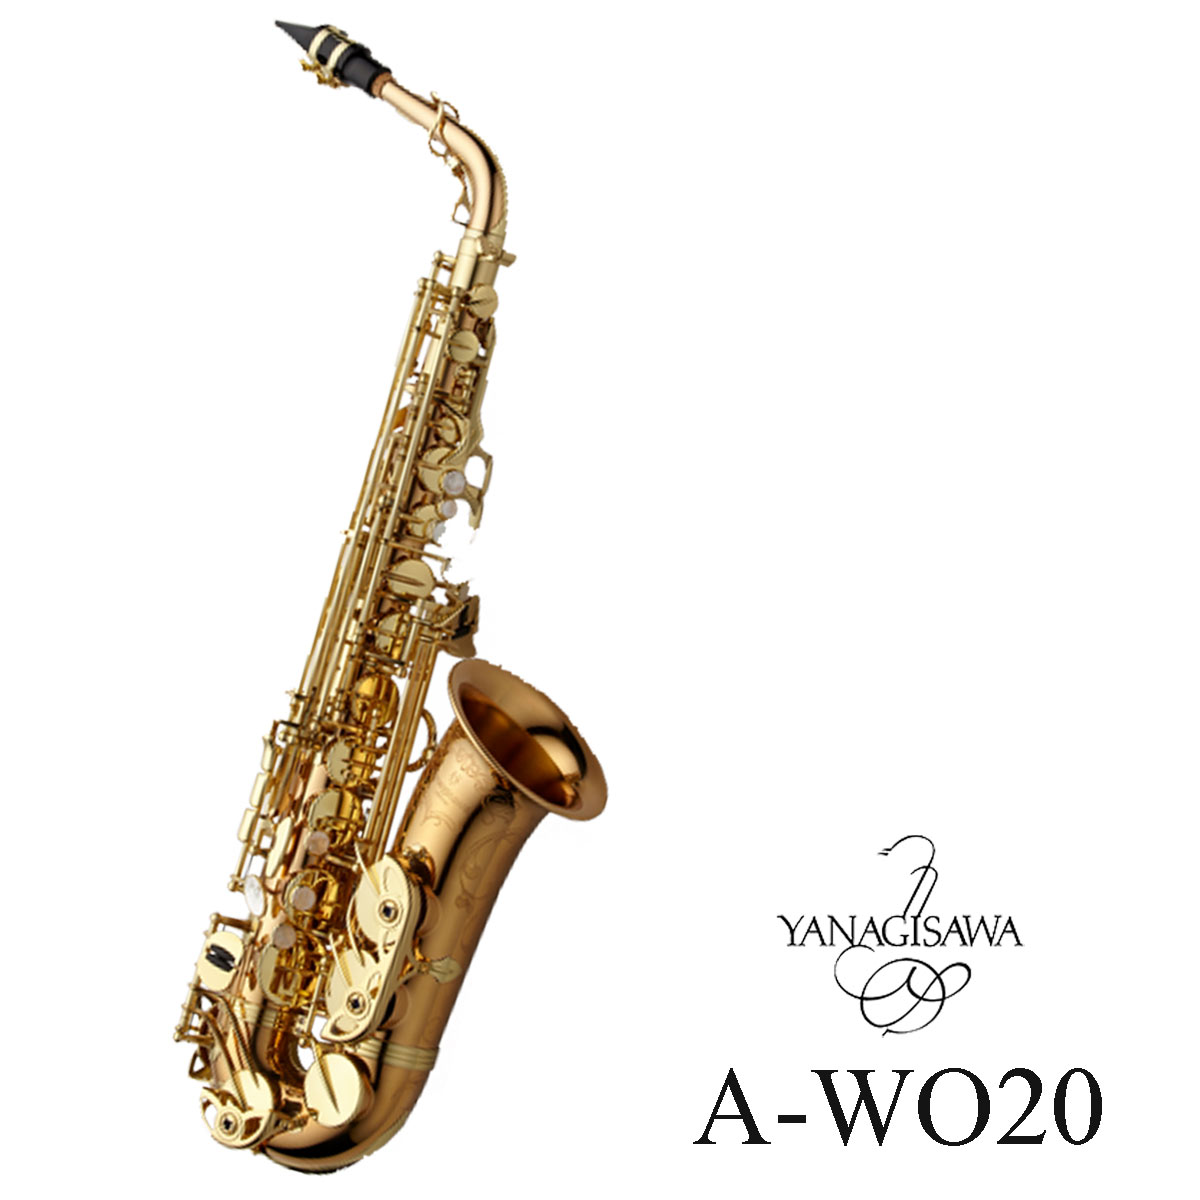 Yanagisawa / A-WO20 ヤナギサワ アルトサックス ダブルオーシリーズ ブロンズブラス ラッカー仕上 ヘヴィーウェイト《予約注文/納期お問い合わせください》【5年保証】